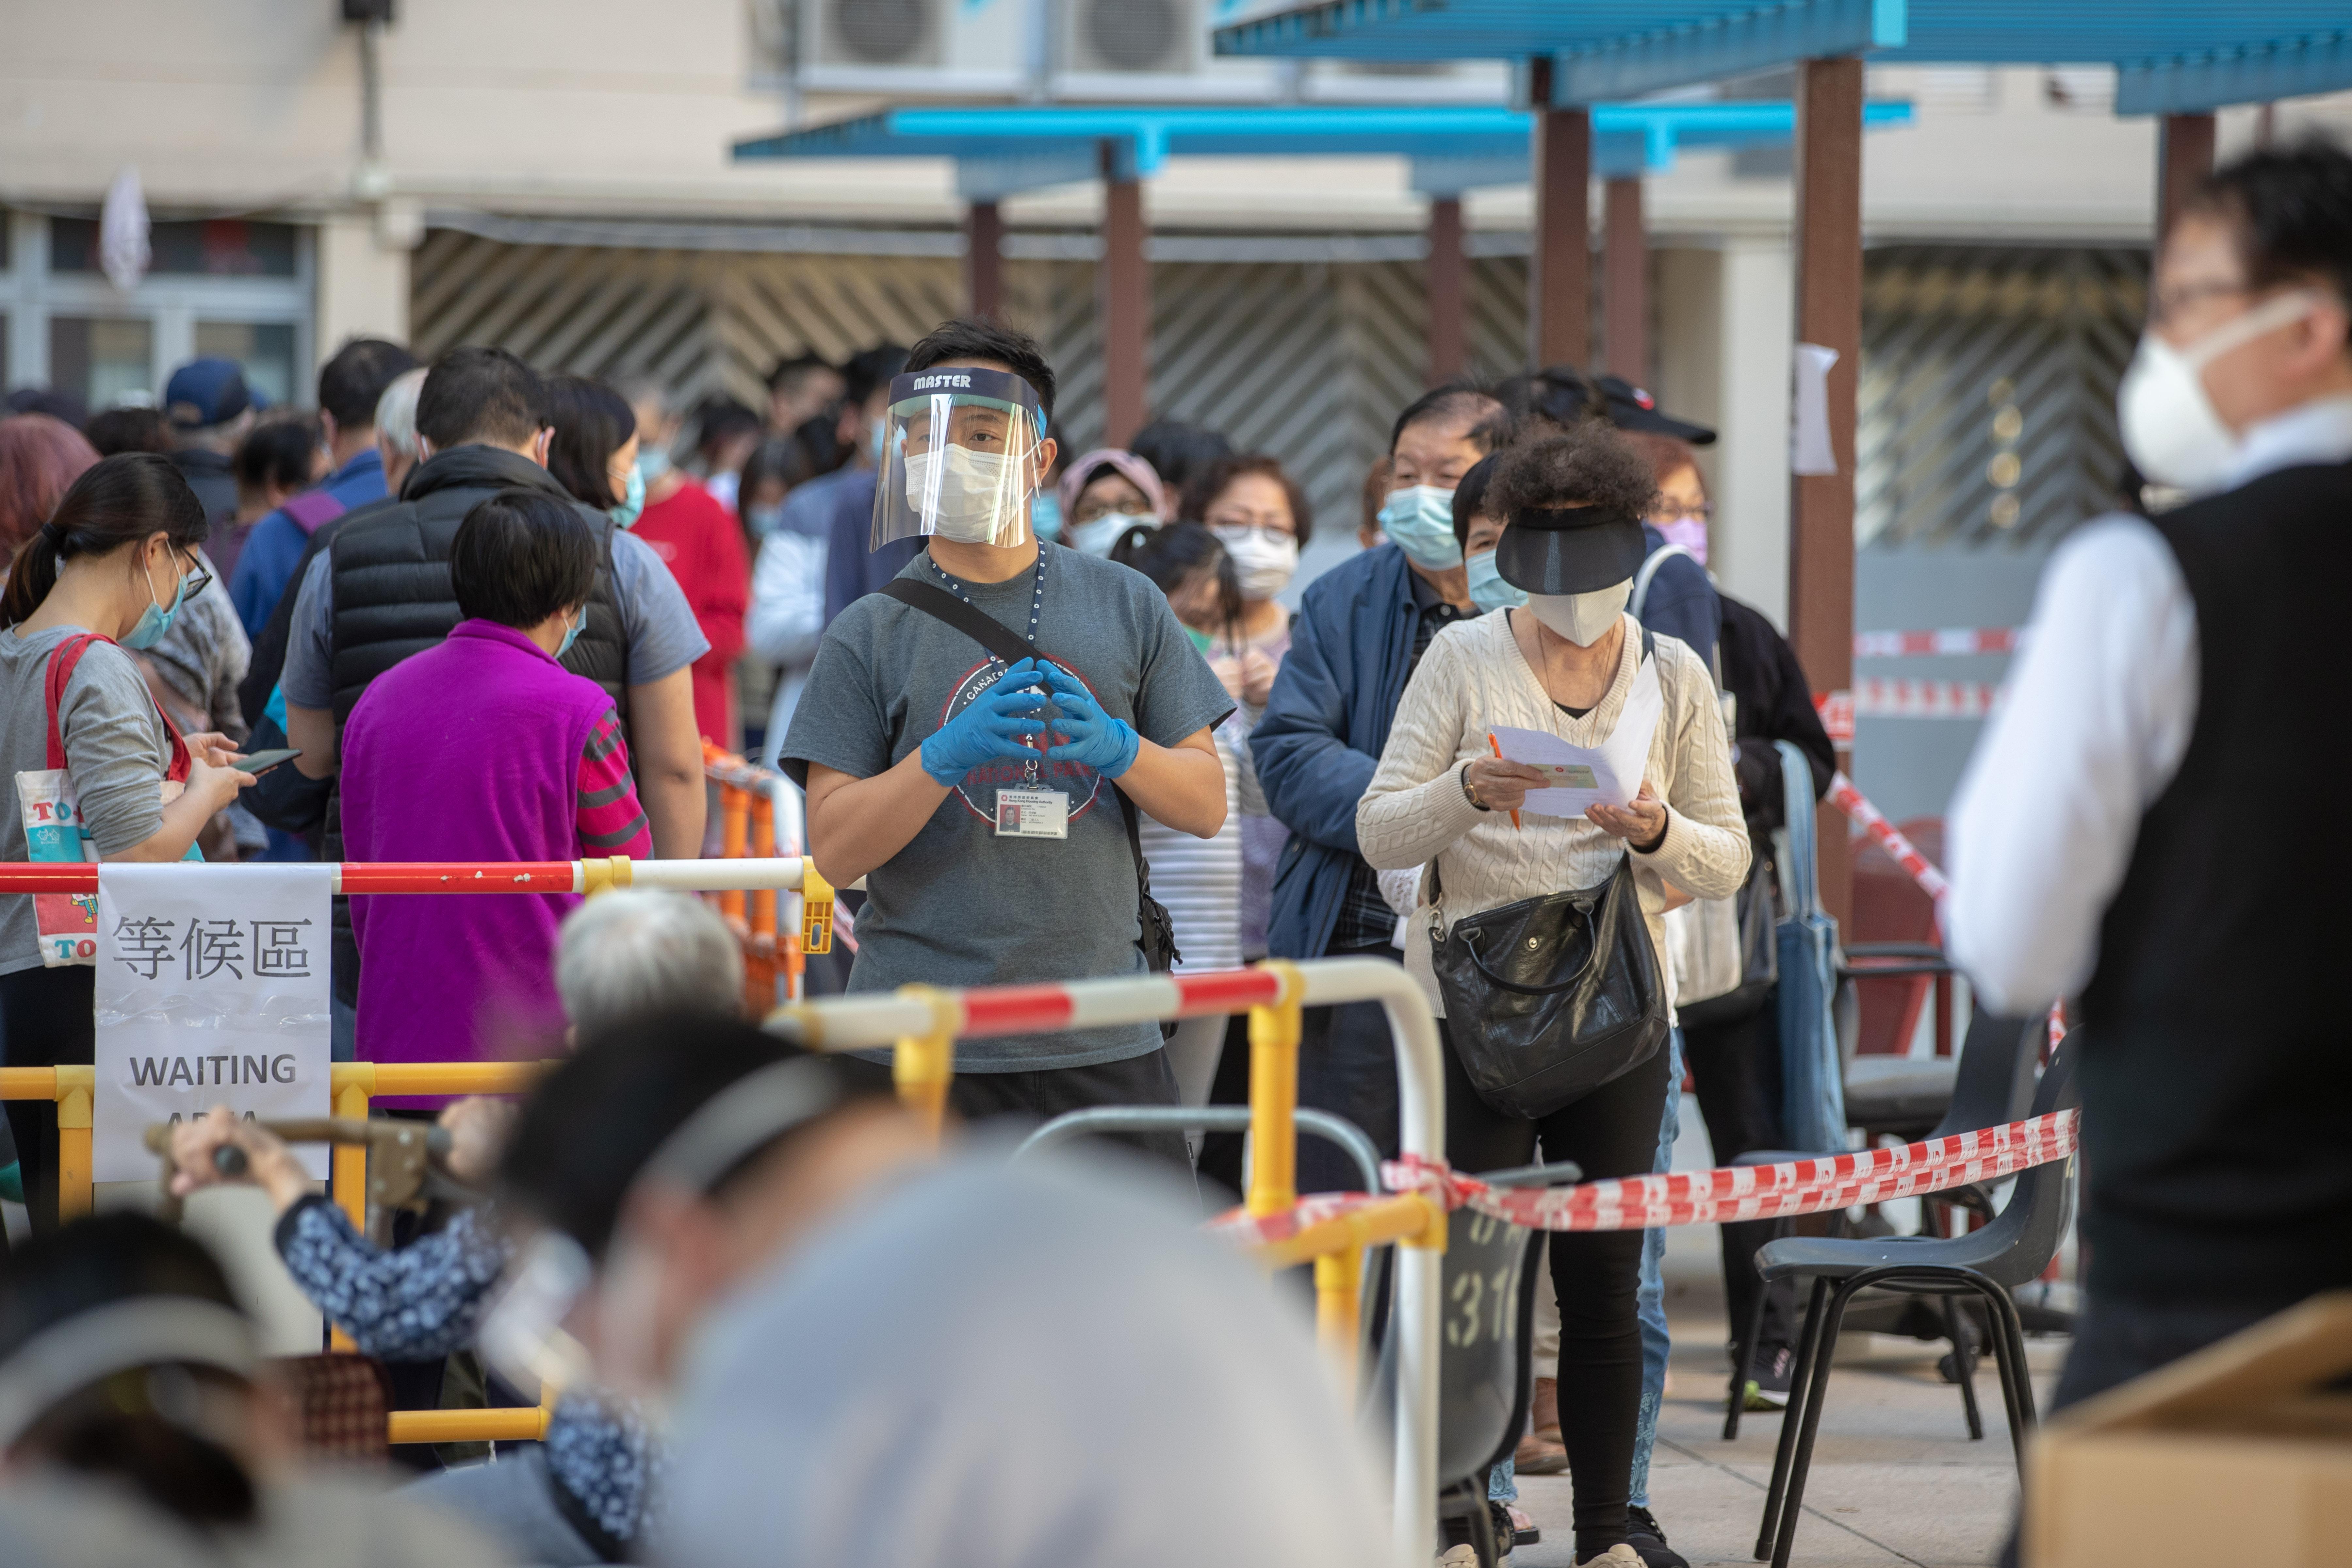 Rajtaütésszerű tömeges kényszerteszteléseket hajtanak végre a rendőrök Hongkongban